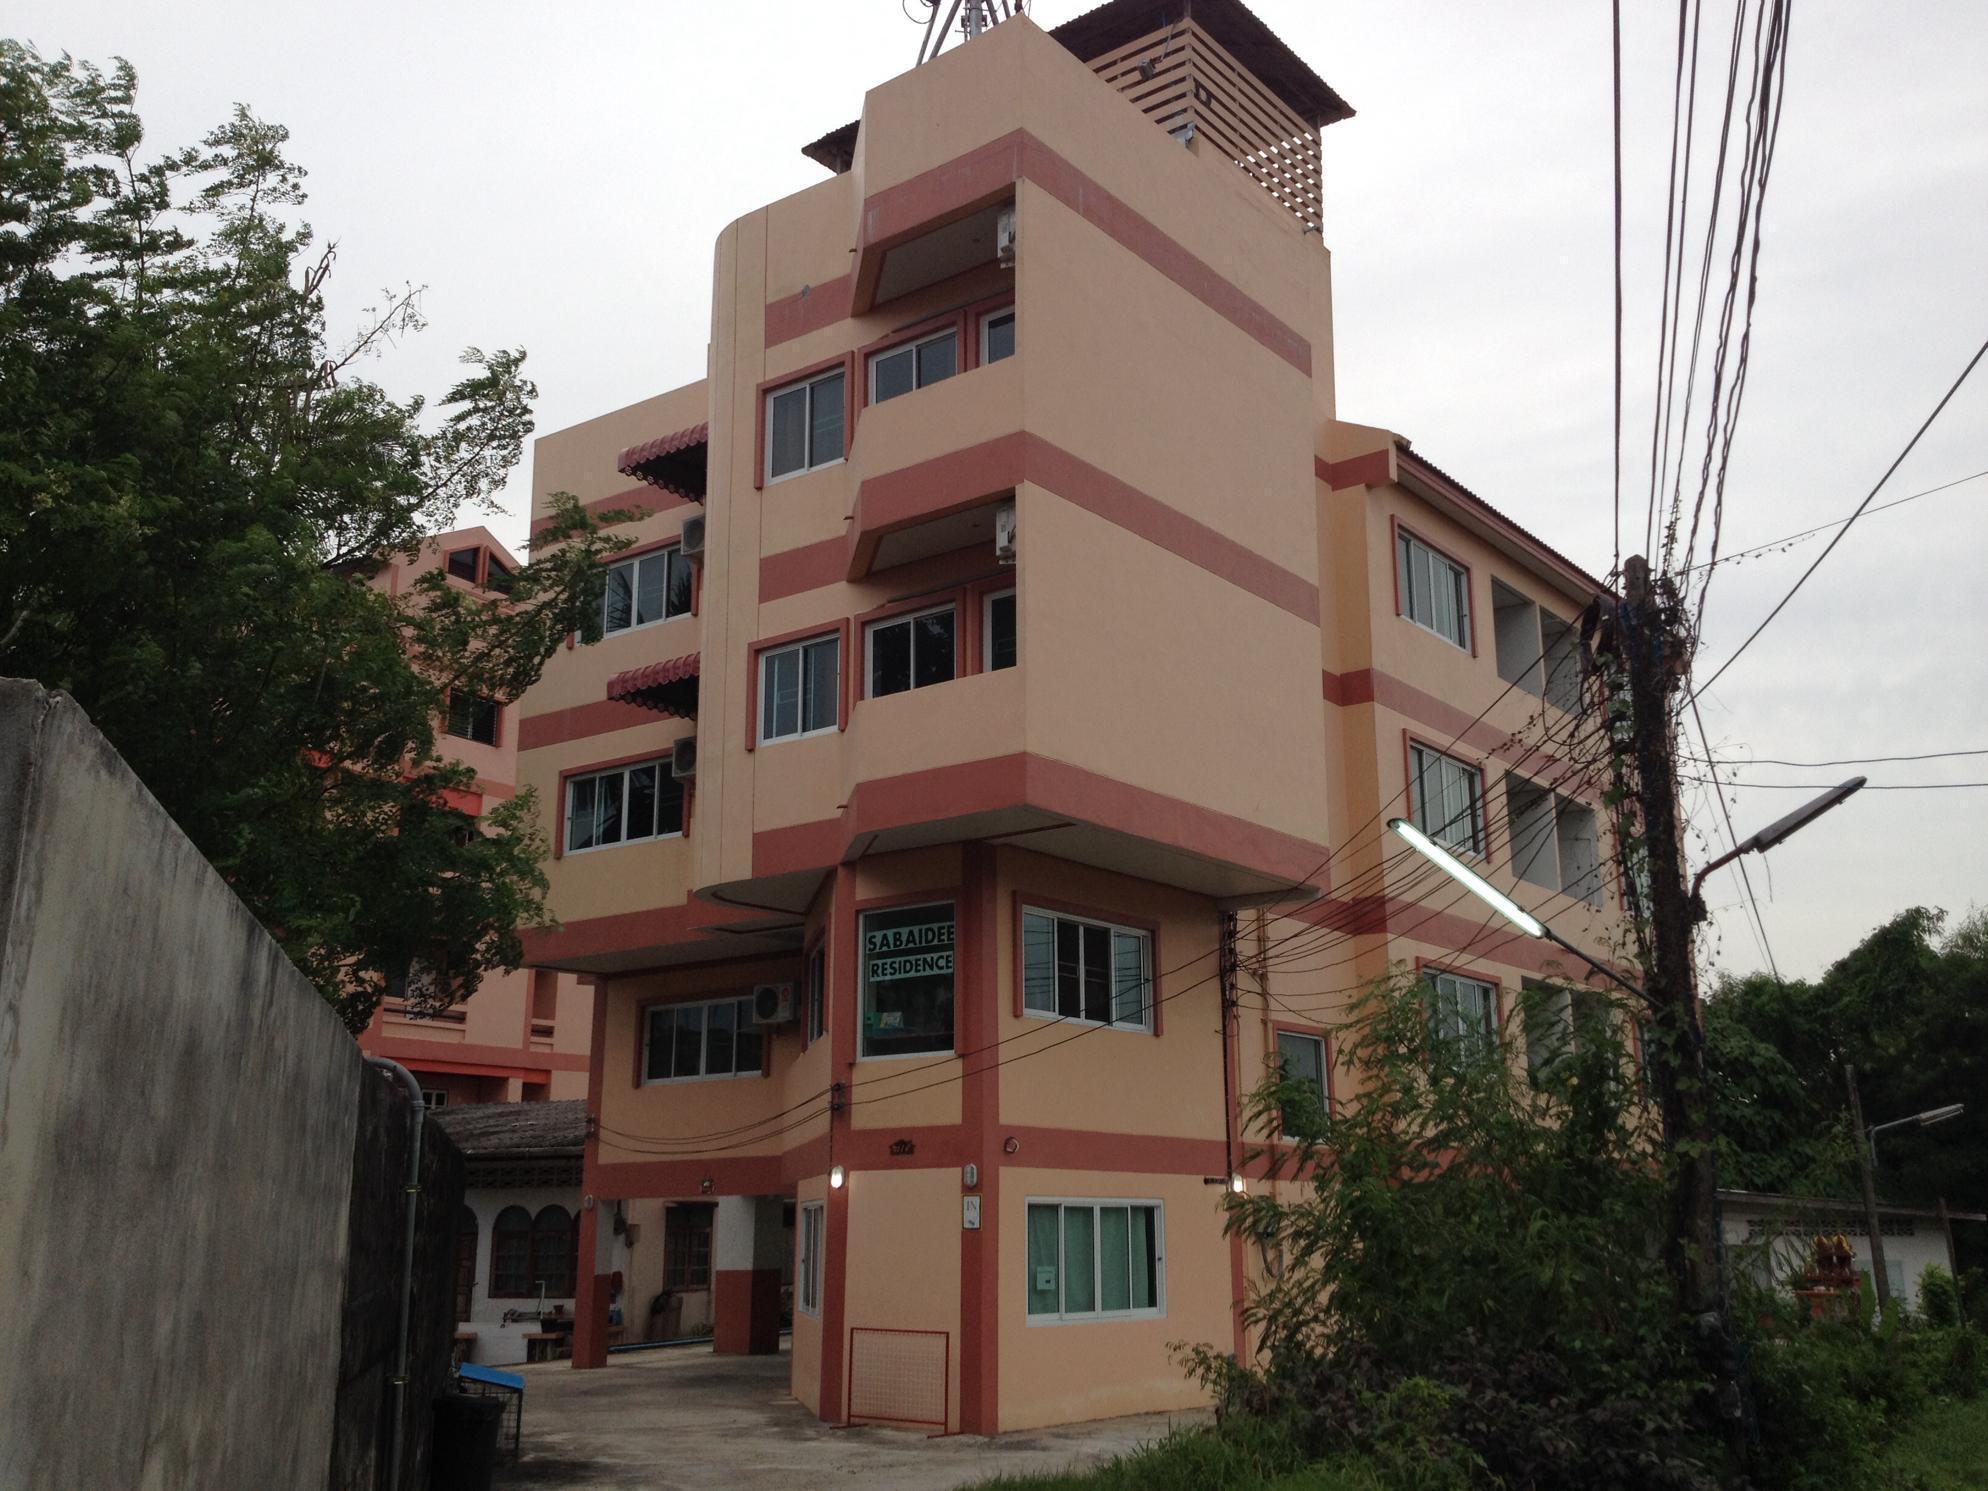 Hotell Sabaidee Residence@Phuket i , Phuket. Klicka för att läsa mer och skicka bokningsförfrågan